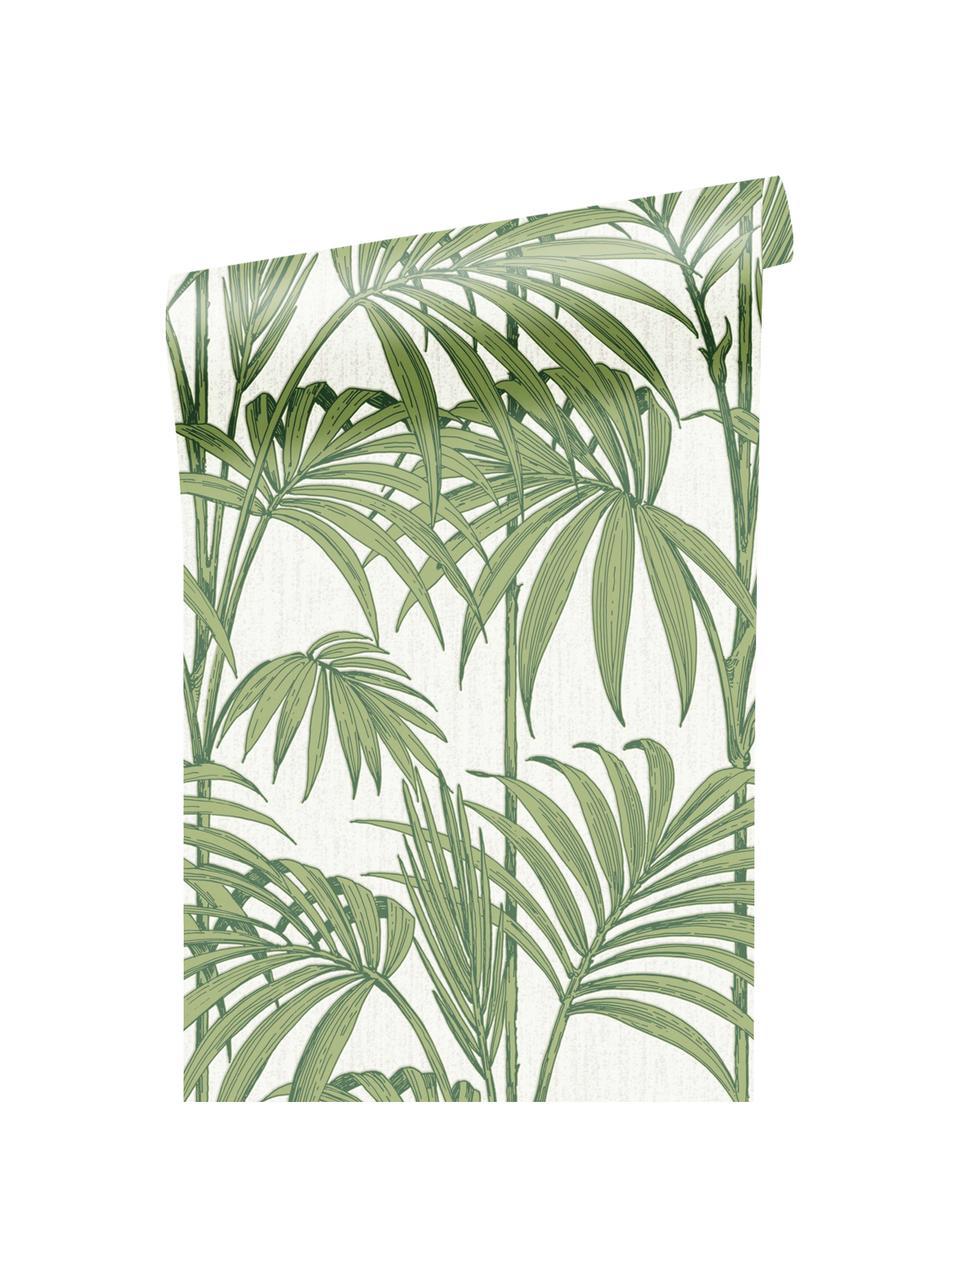 Carta da parati Honolulu, Carta, Verde, bianco, Larg. 52 x Lung. 1005 cm